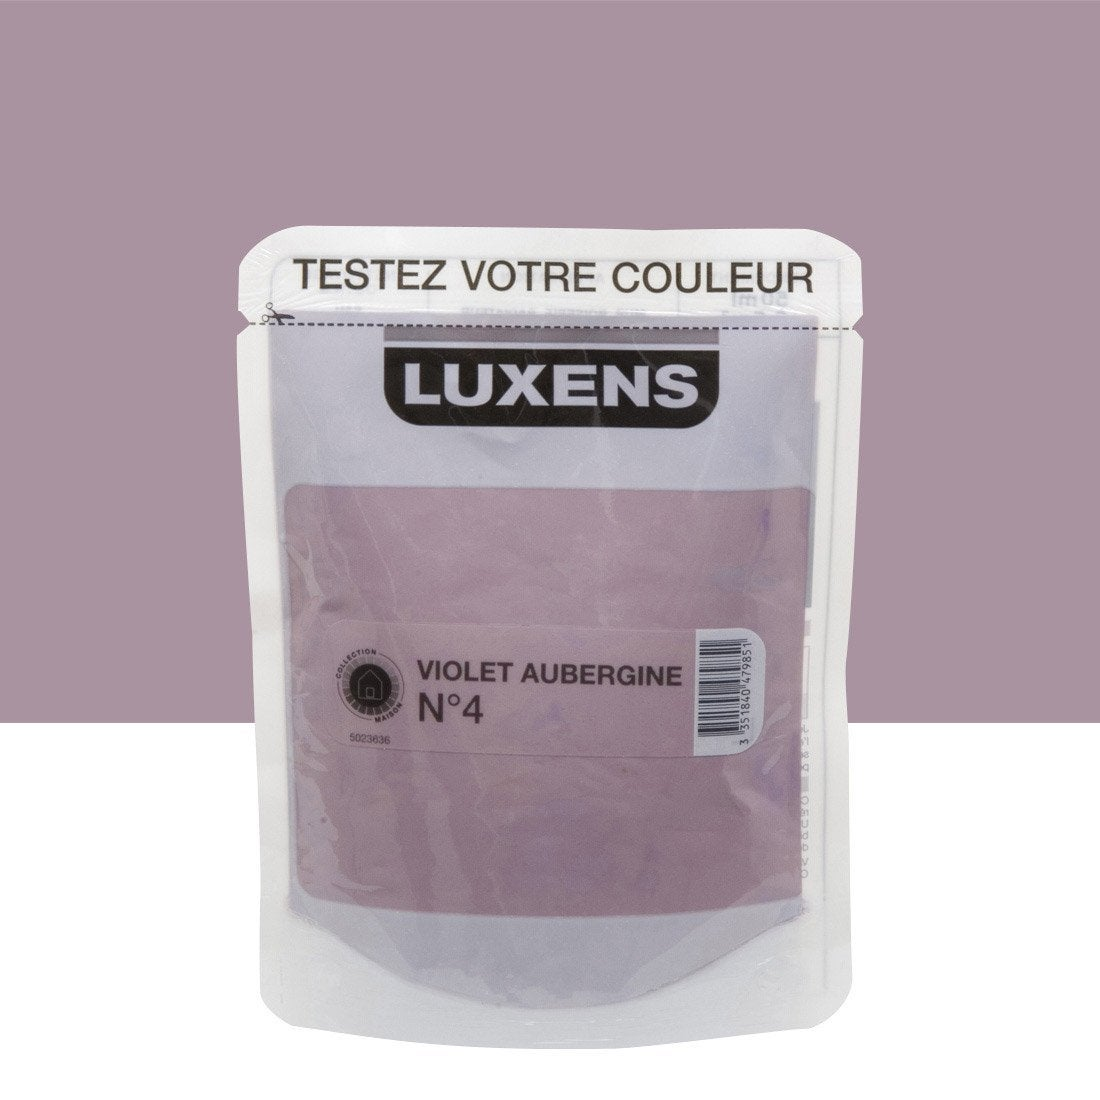 Testeur peinture violet aubergine 4 luxens couleurs int rieures satin l leroy merlin for Peinture violet aubergine